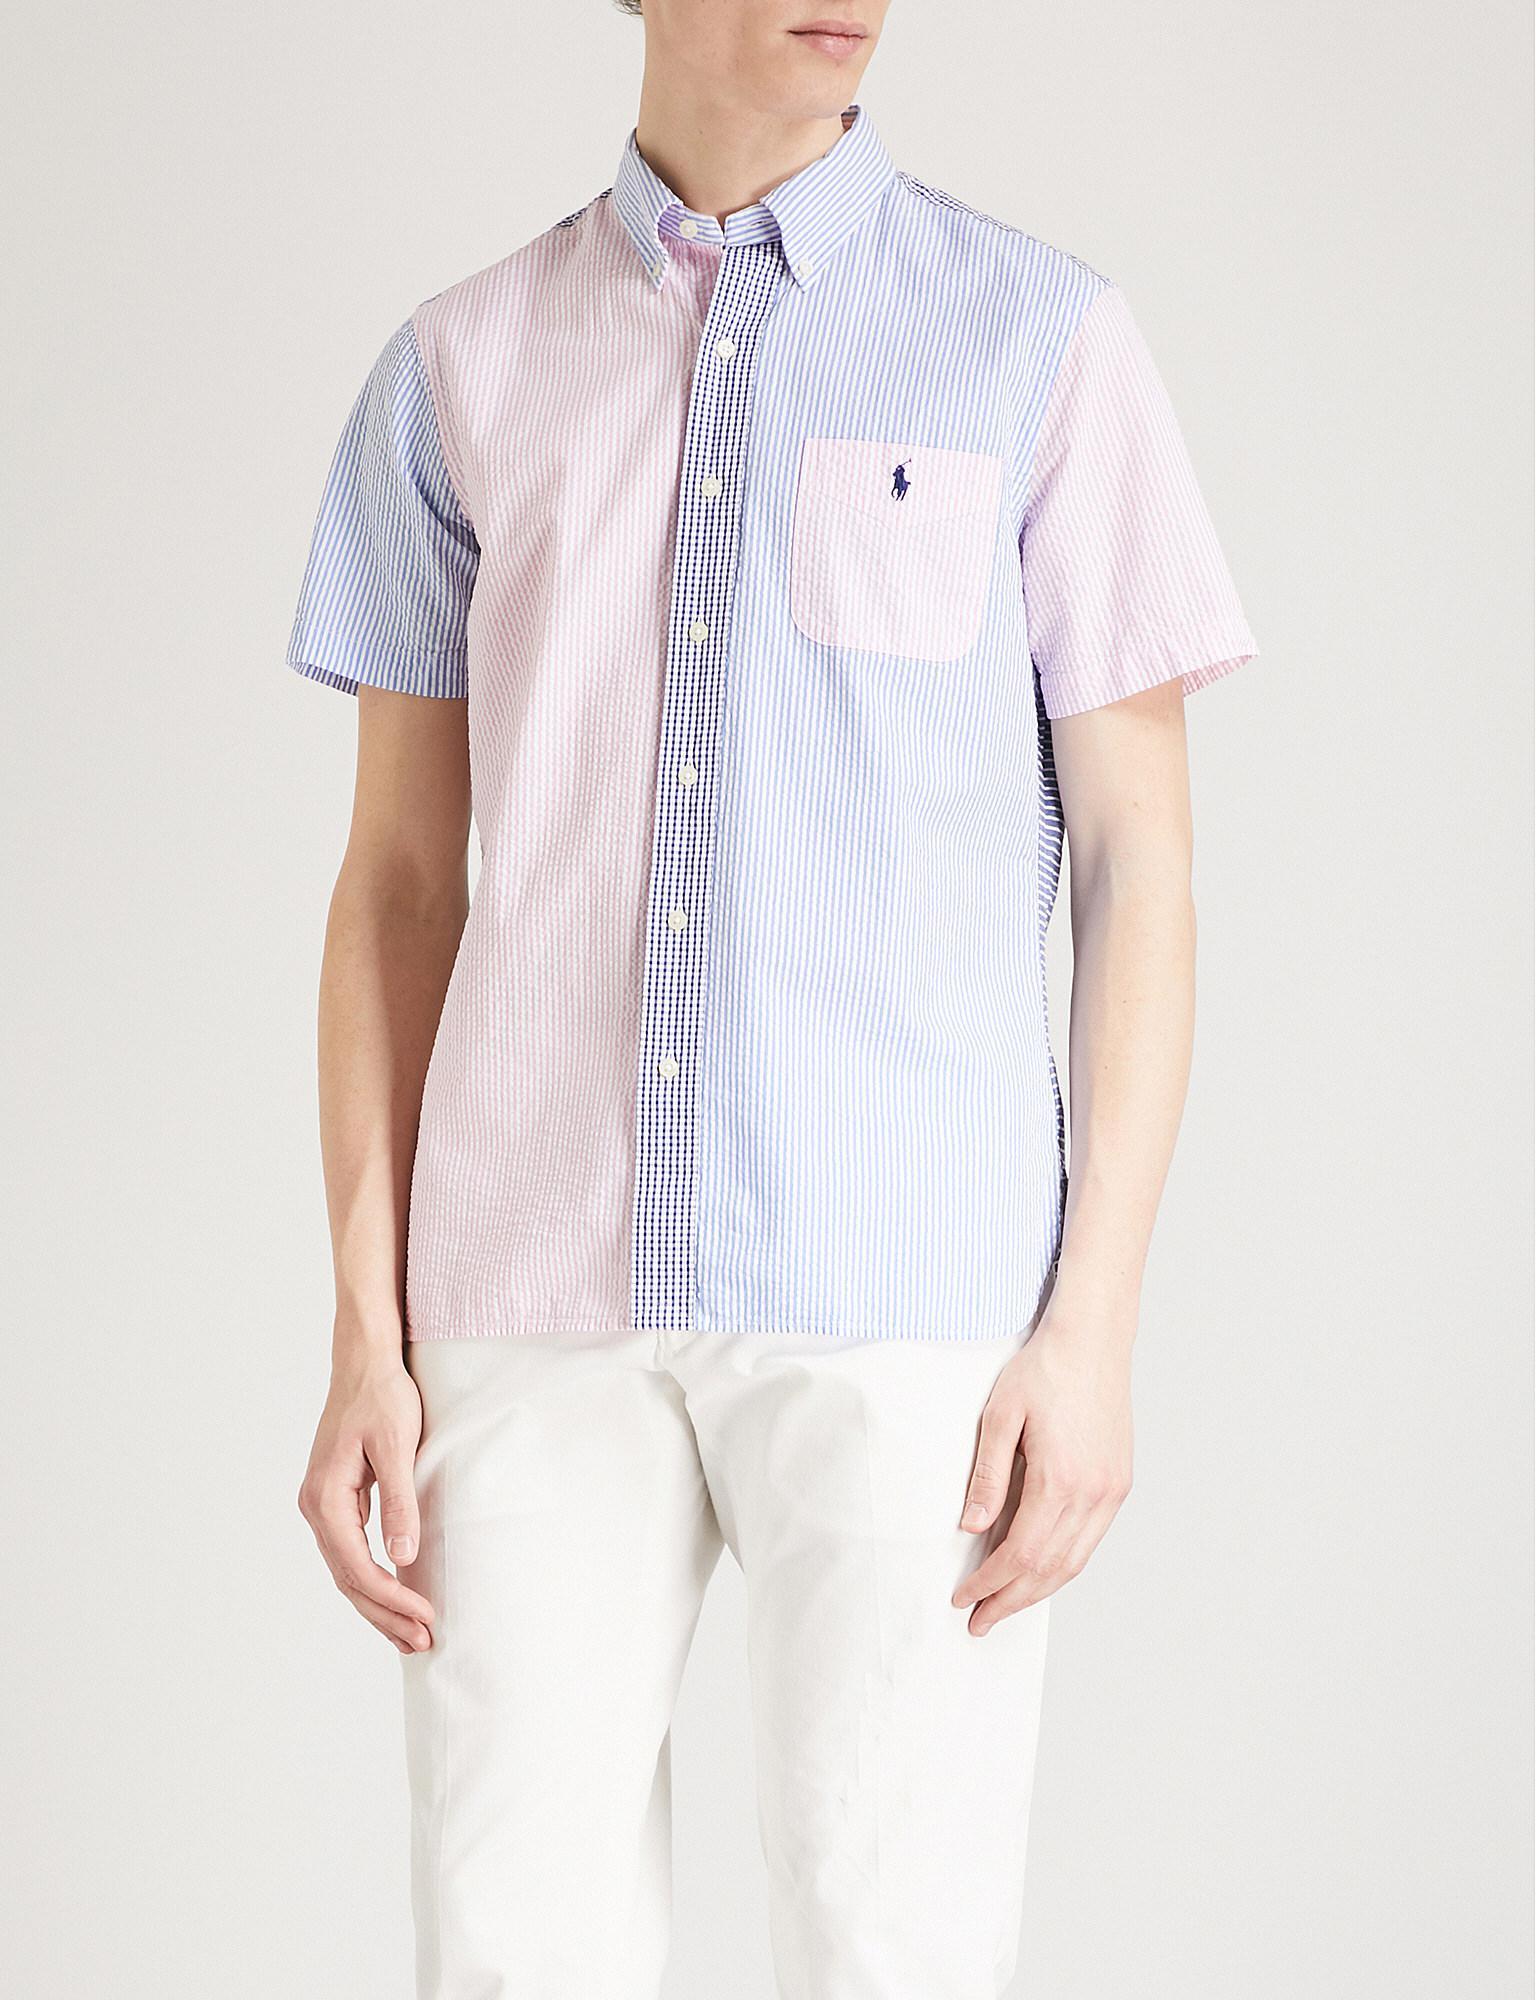 515170ce5 Polo Ralph Lauren Fun Patterned Custom-fit Cotton Seersucker Shirt ...